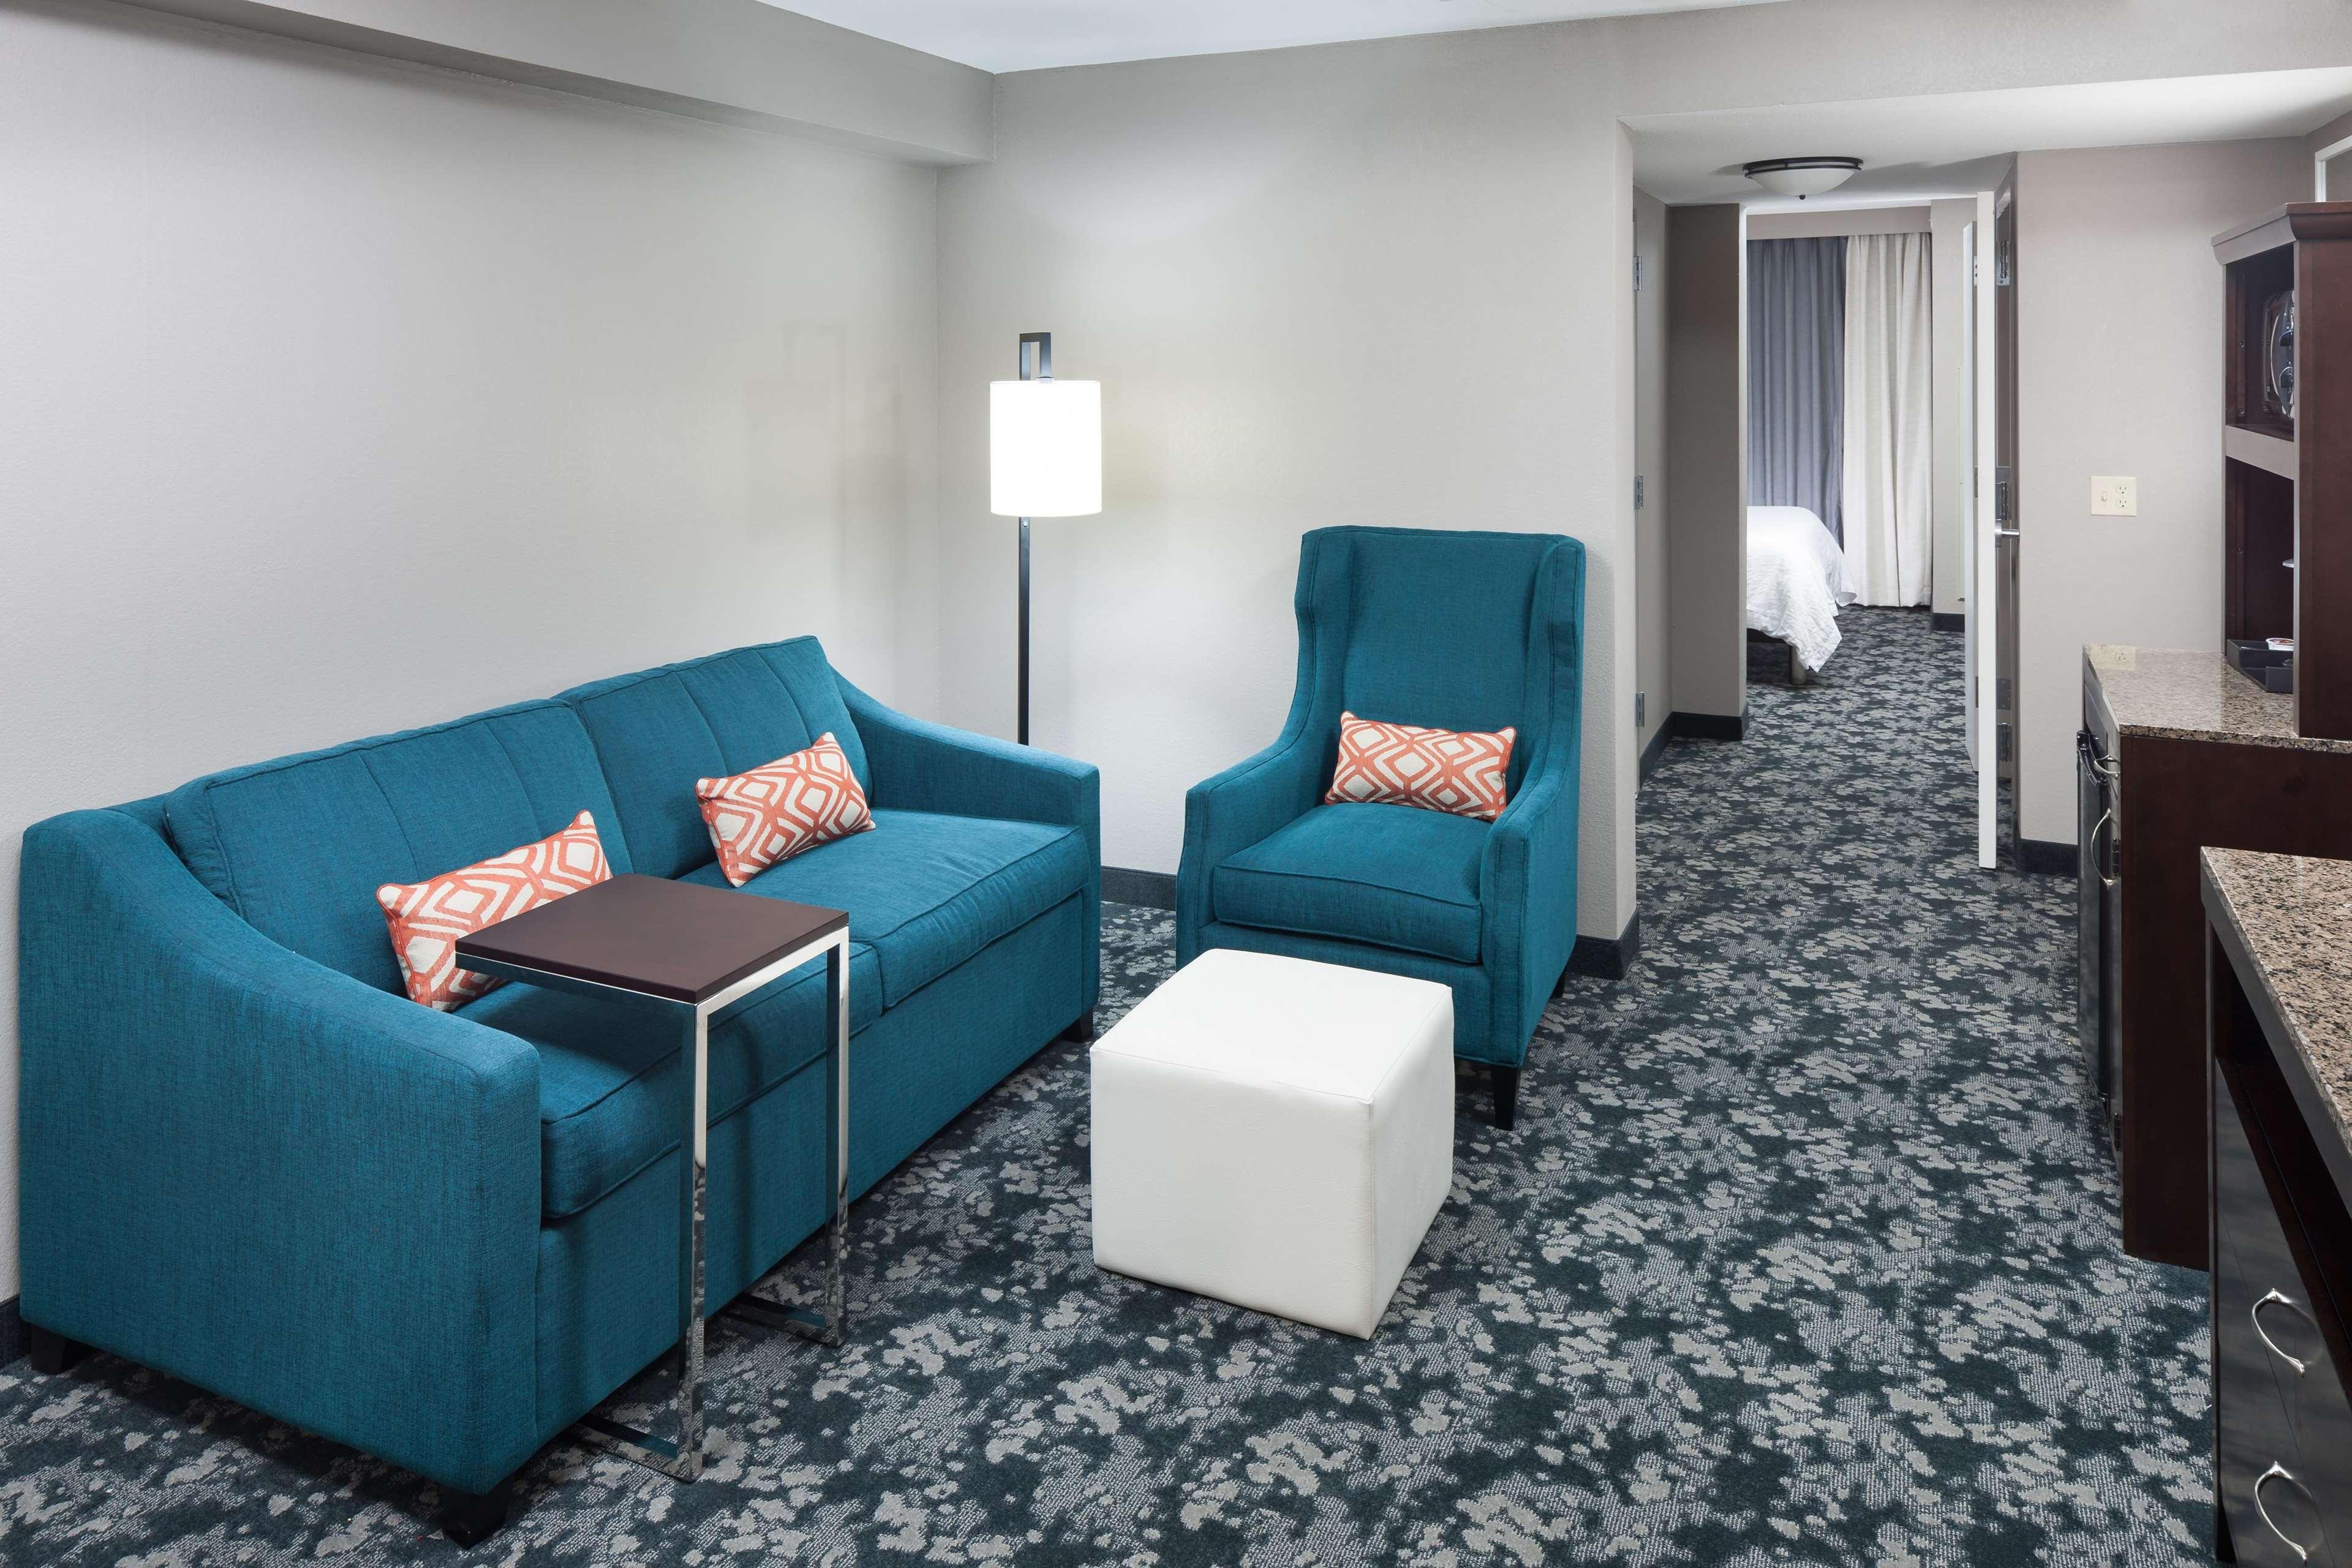 King Bed Jr. Suite 4